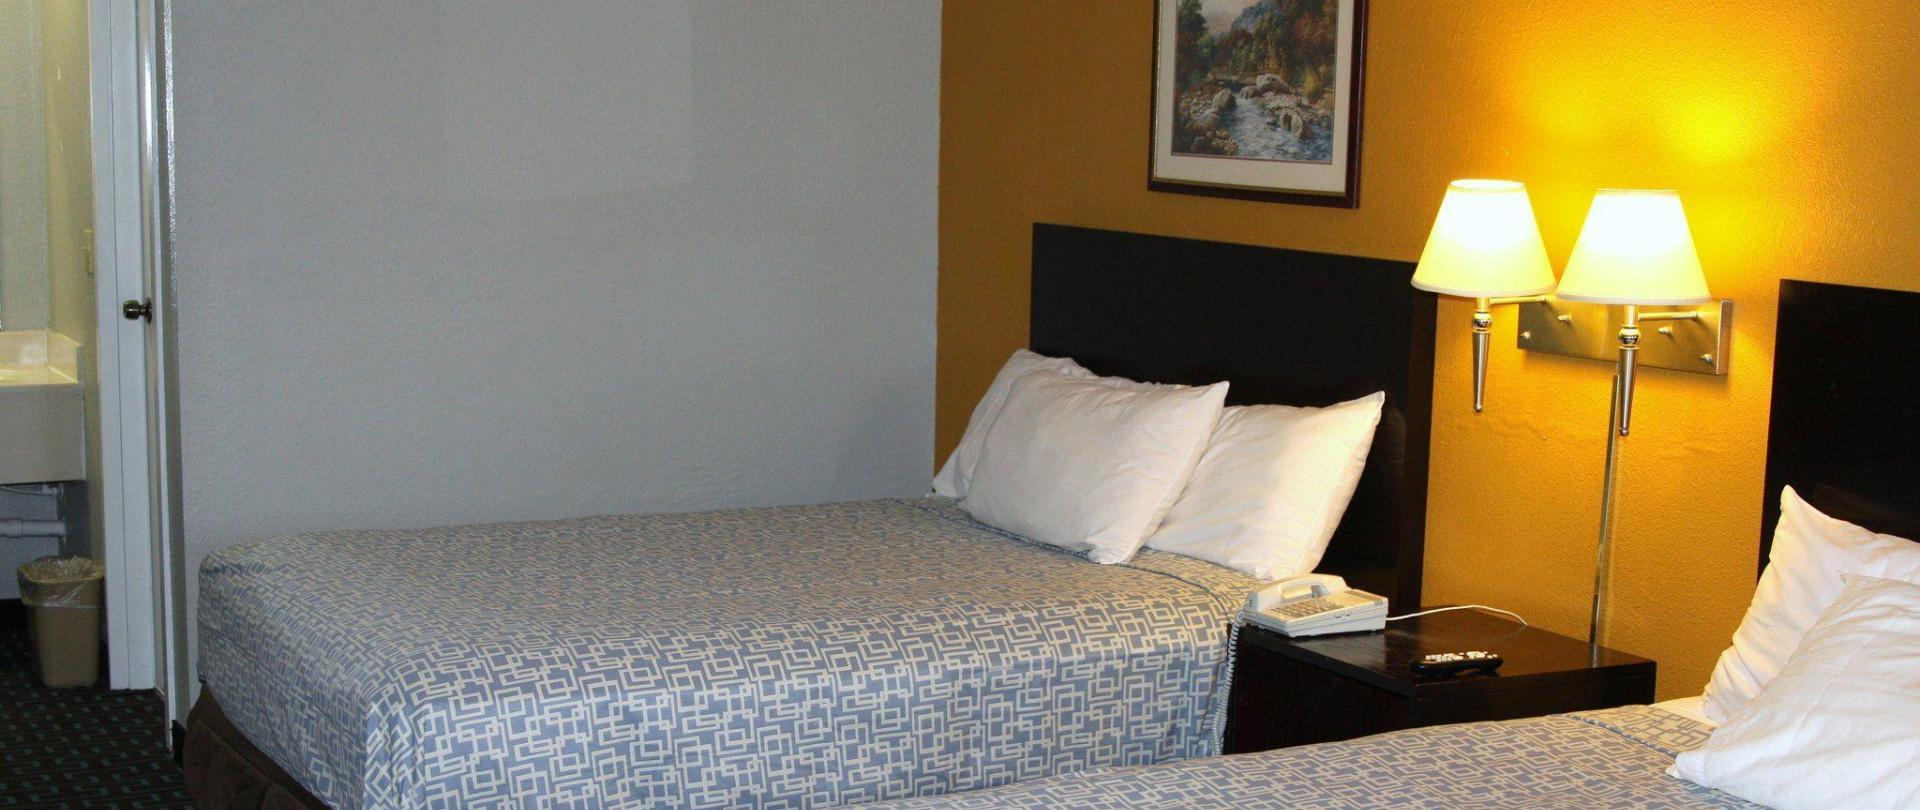 queen-suite.JPG